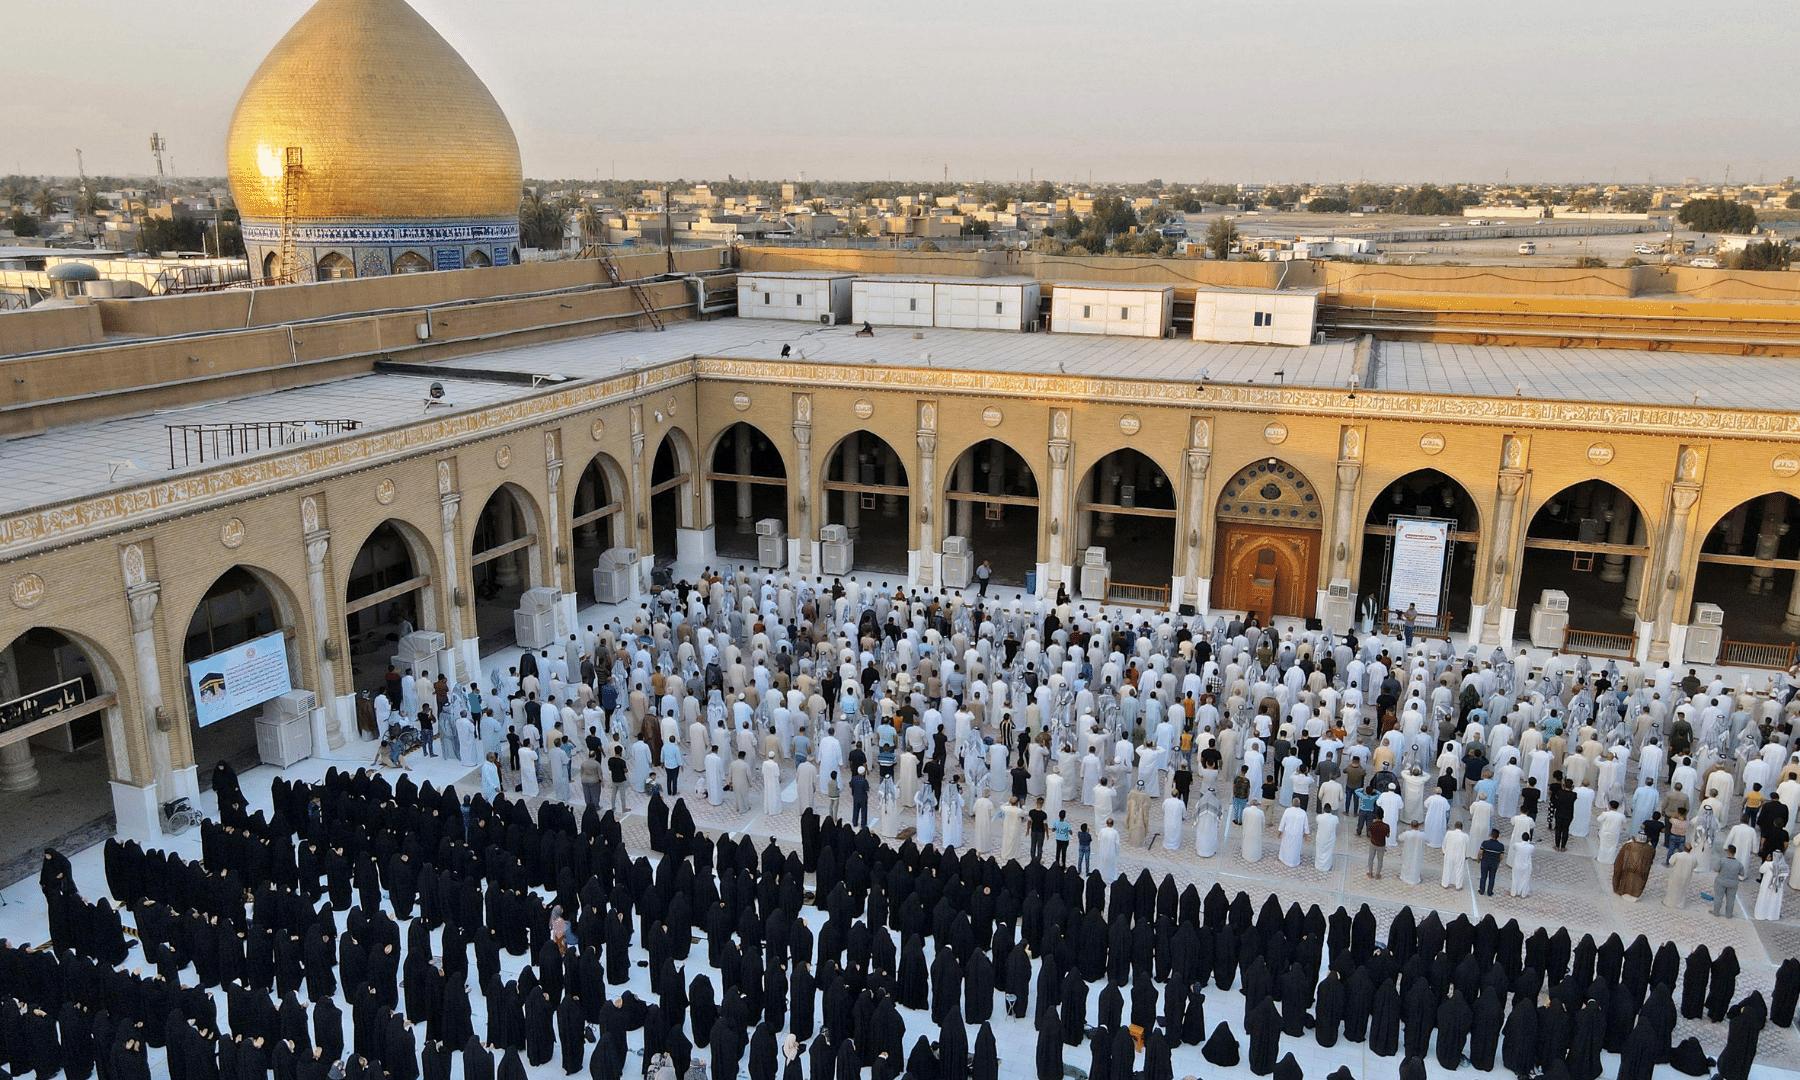 عراق کے شہر کوفہ میں جامع مسجد میں نماز عید کے اجتماع کا منظر— اے ایف پی